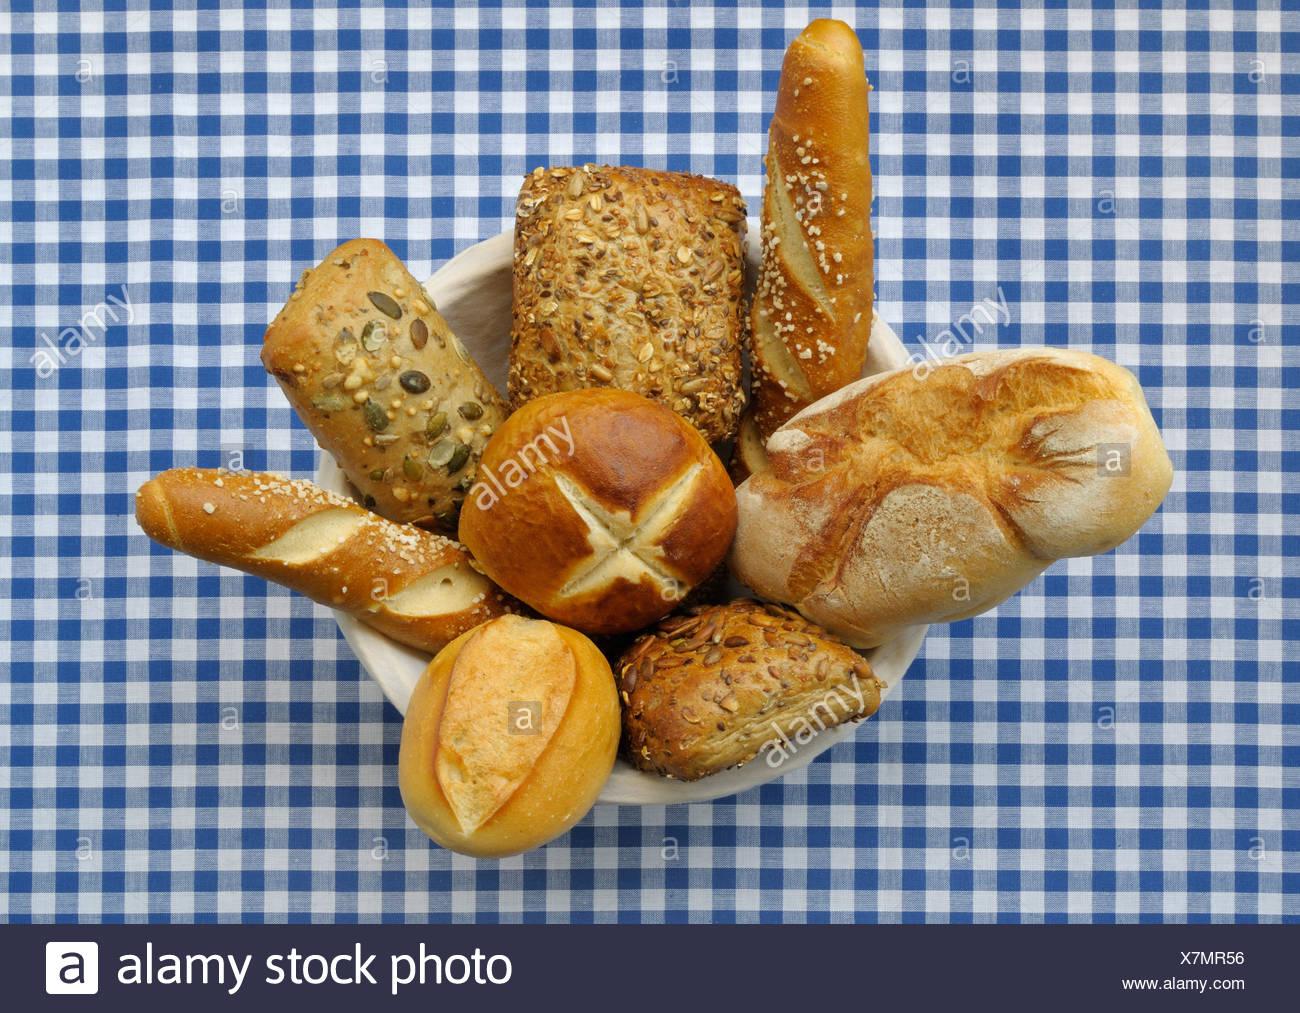 Brotkorb mit verschiedenen Arten von Rollen und Lauge gefüllt rollt auf einer blau-weißen aufgegebenes Tischdecke Stockbild